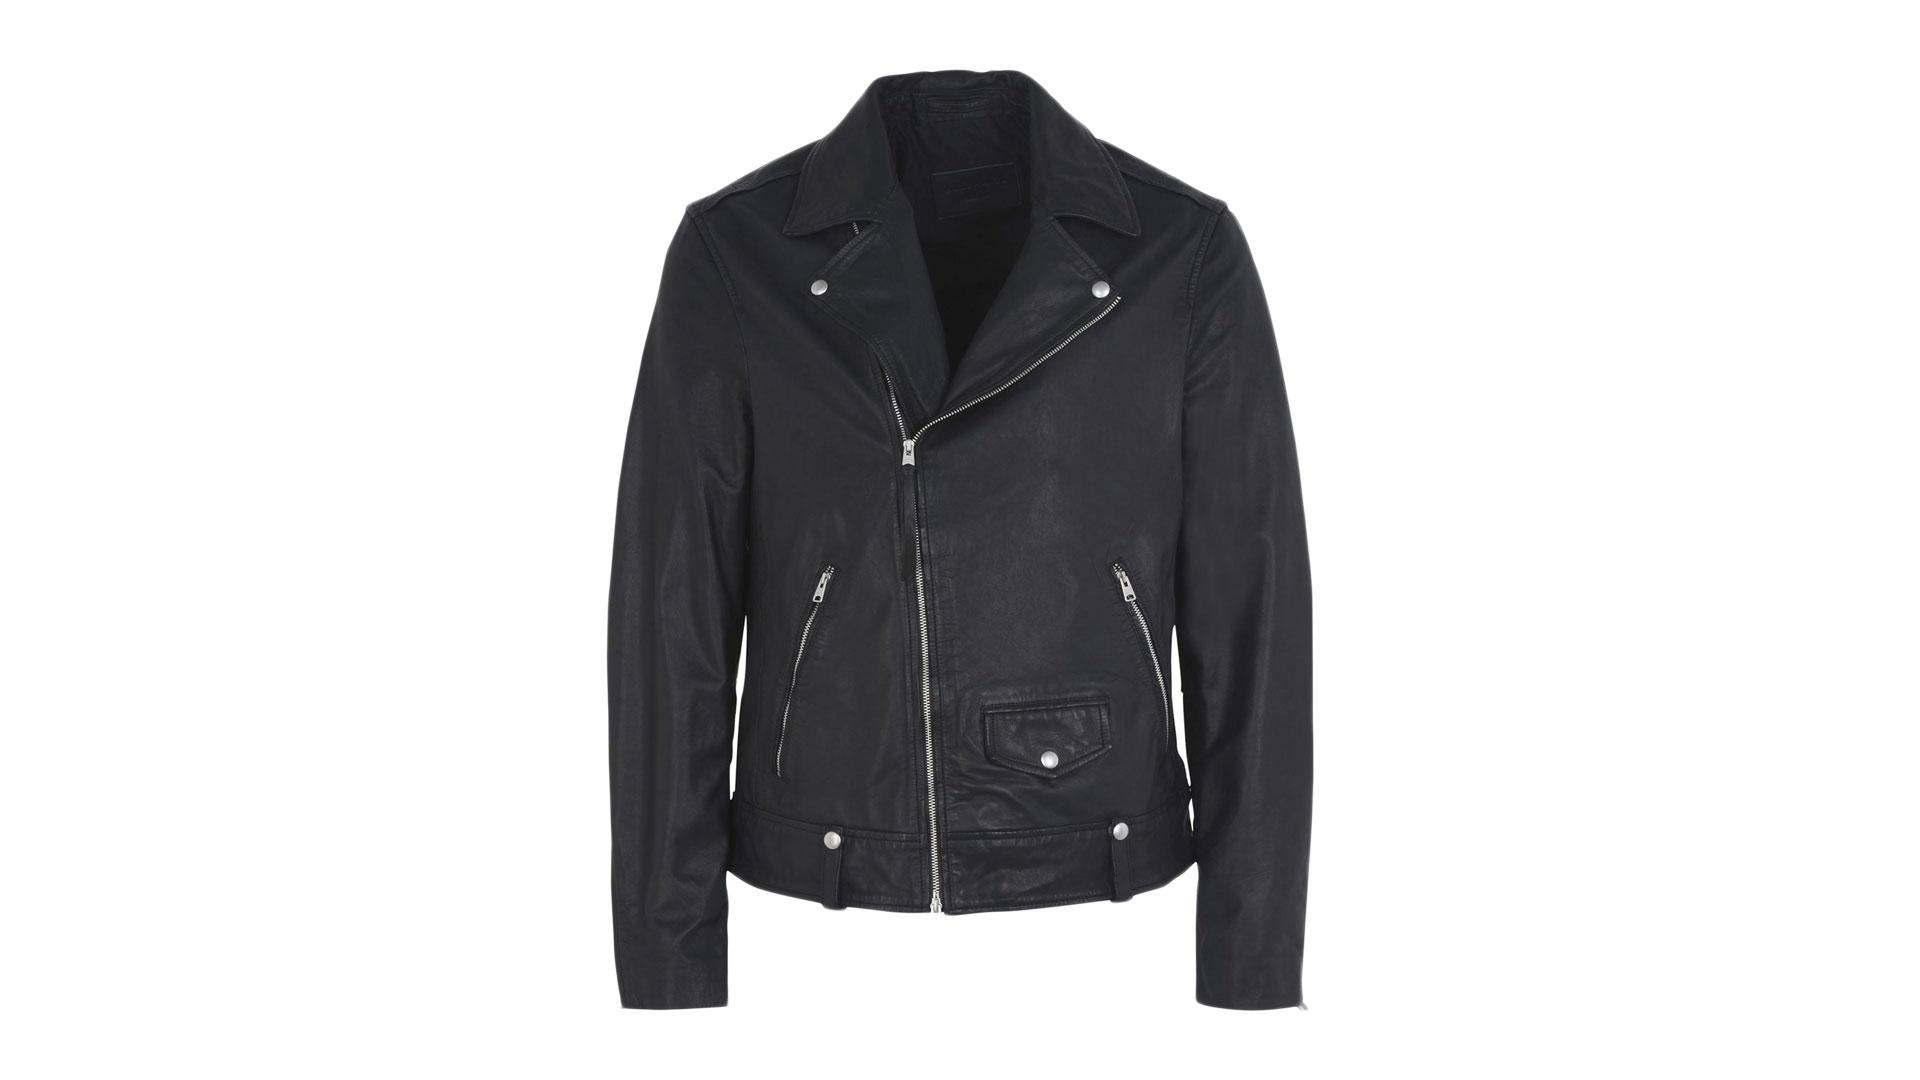 warm winter coat leather jacket